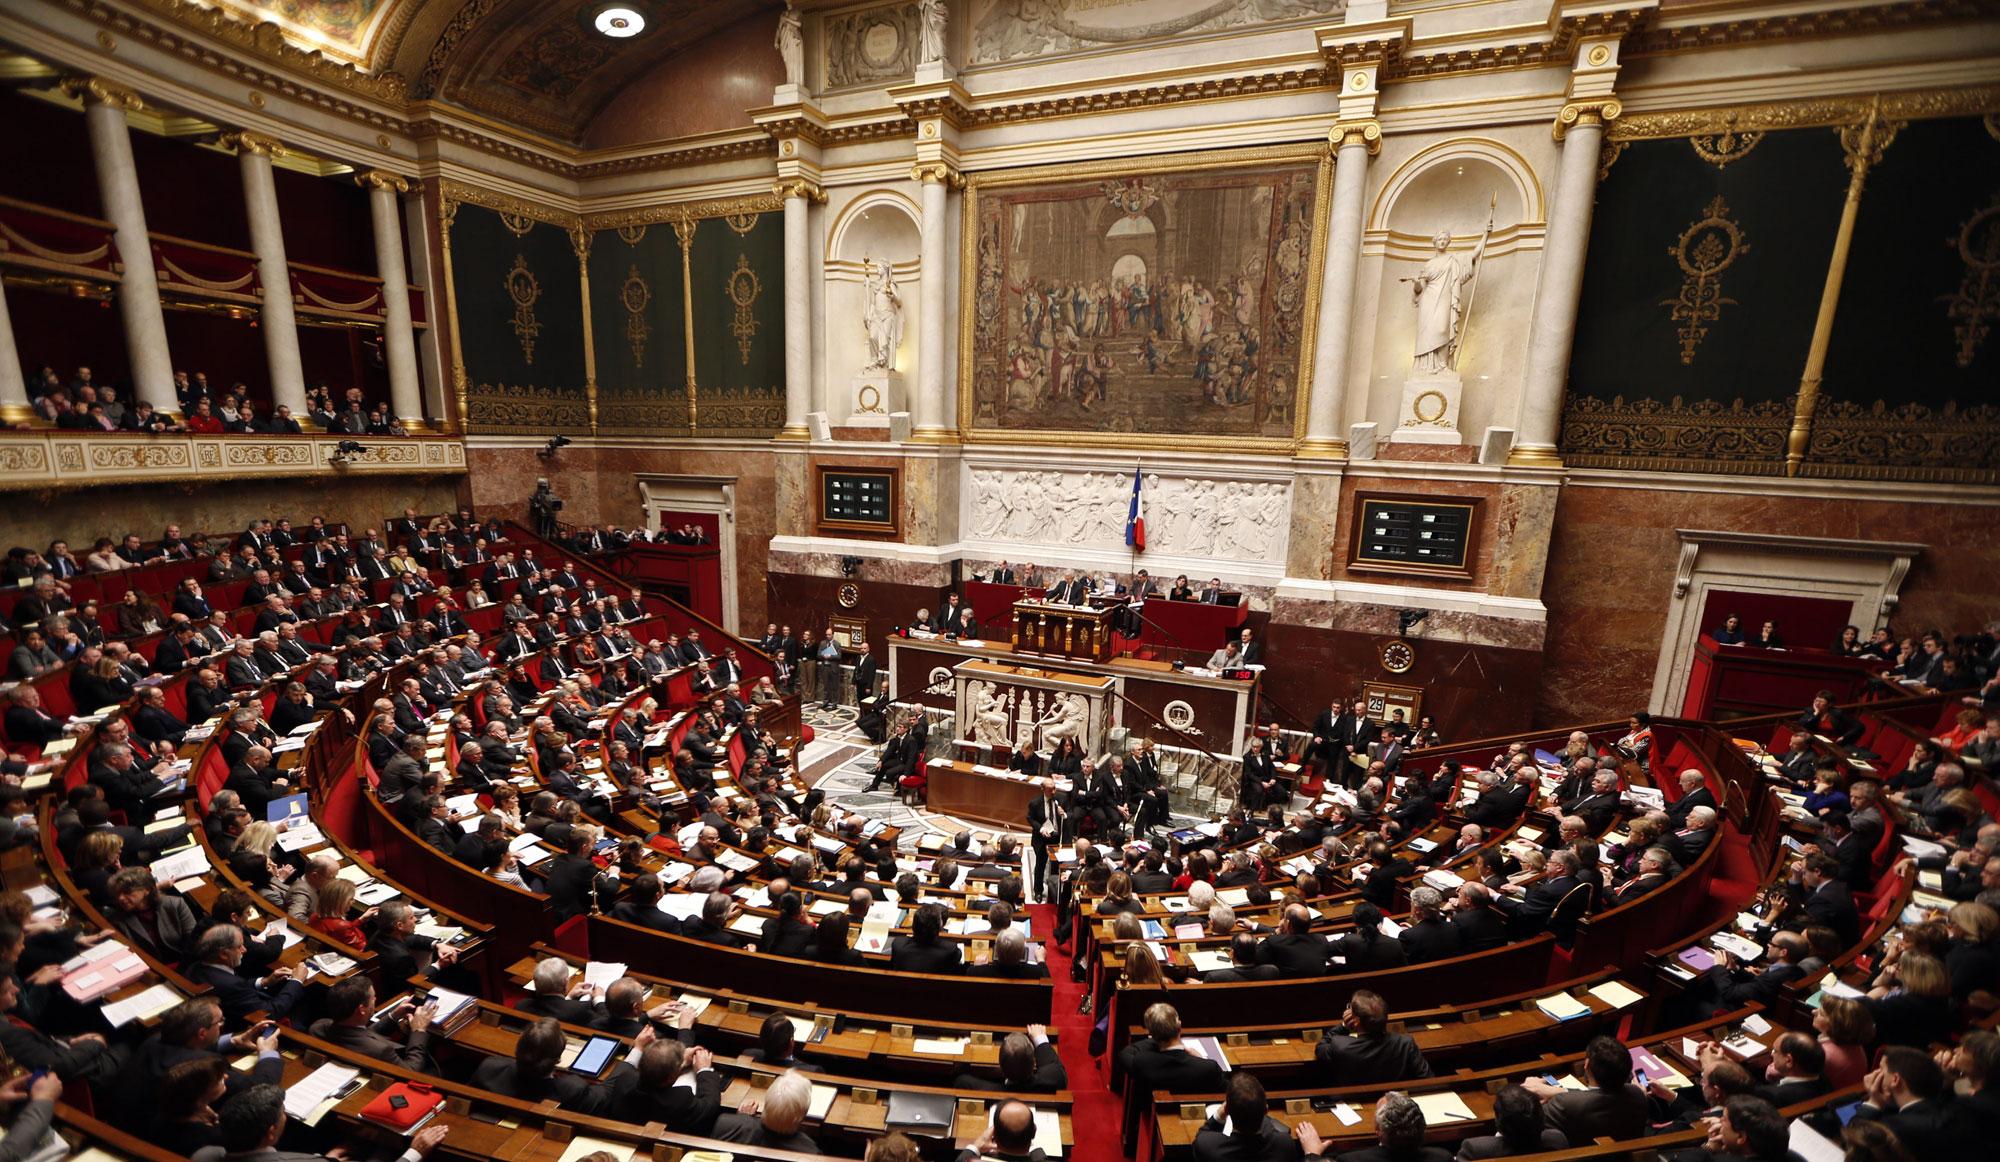 Le choix végétal s'invite à l'Assemblée nationale et au Sénat